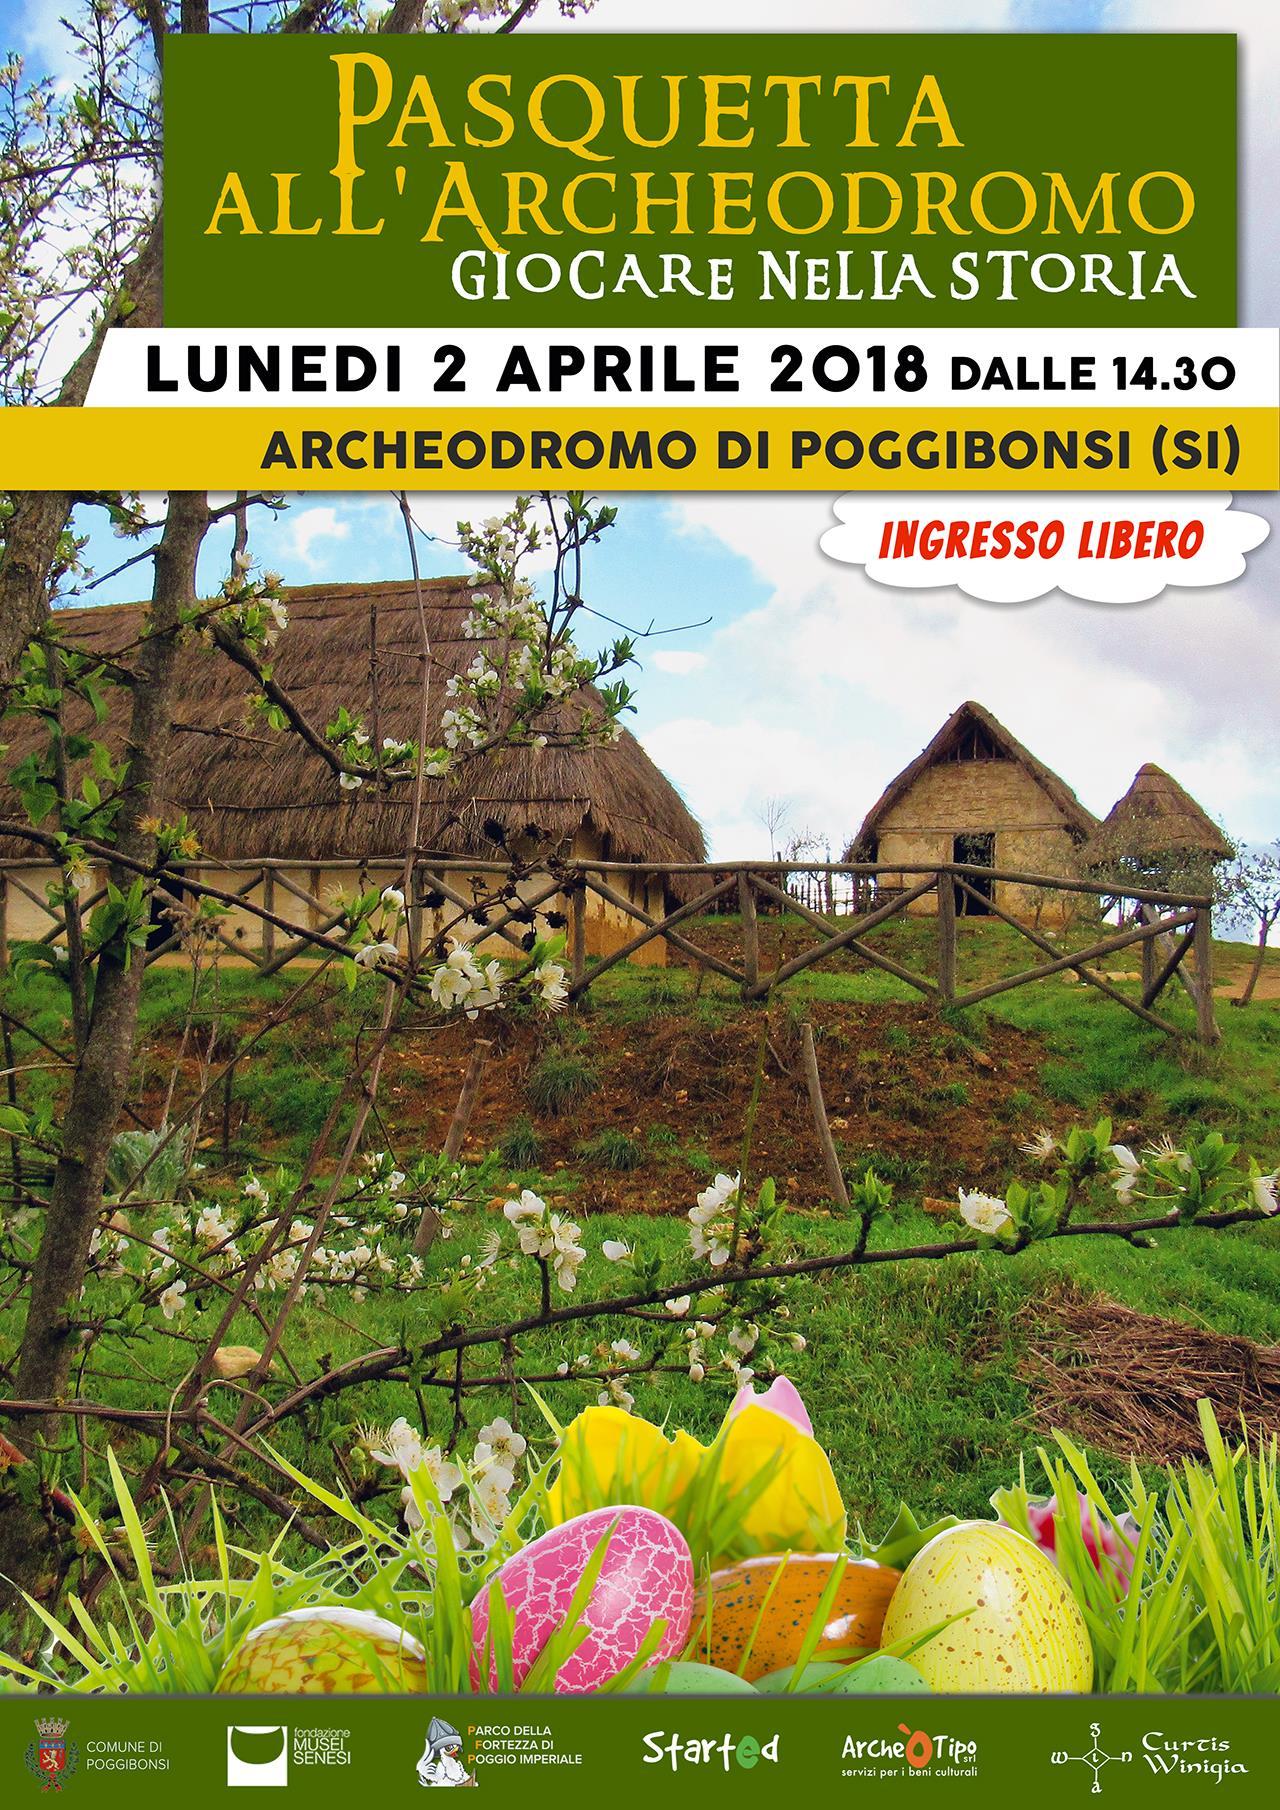 Pasquetta all'Archeodromo (lunedì 2 aprile 2018 ore 14.30)